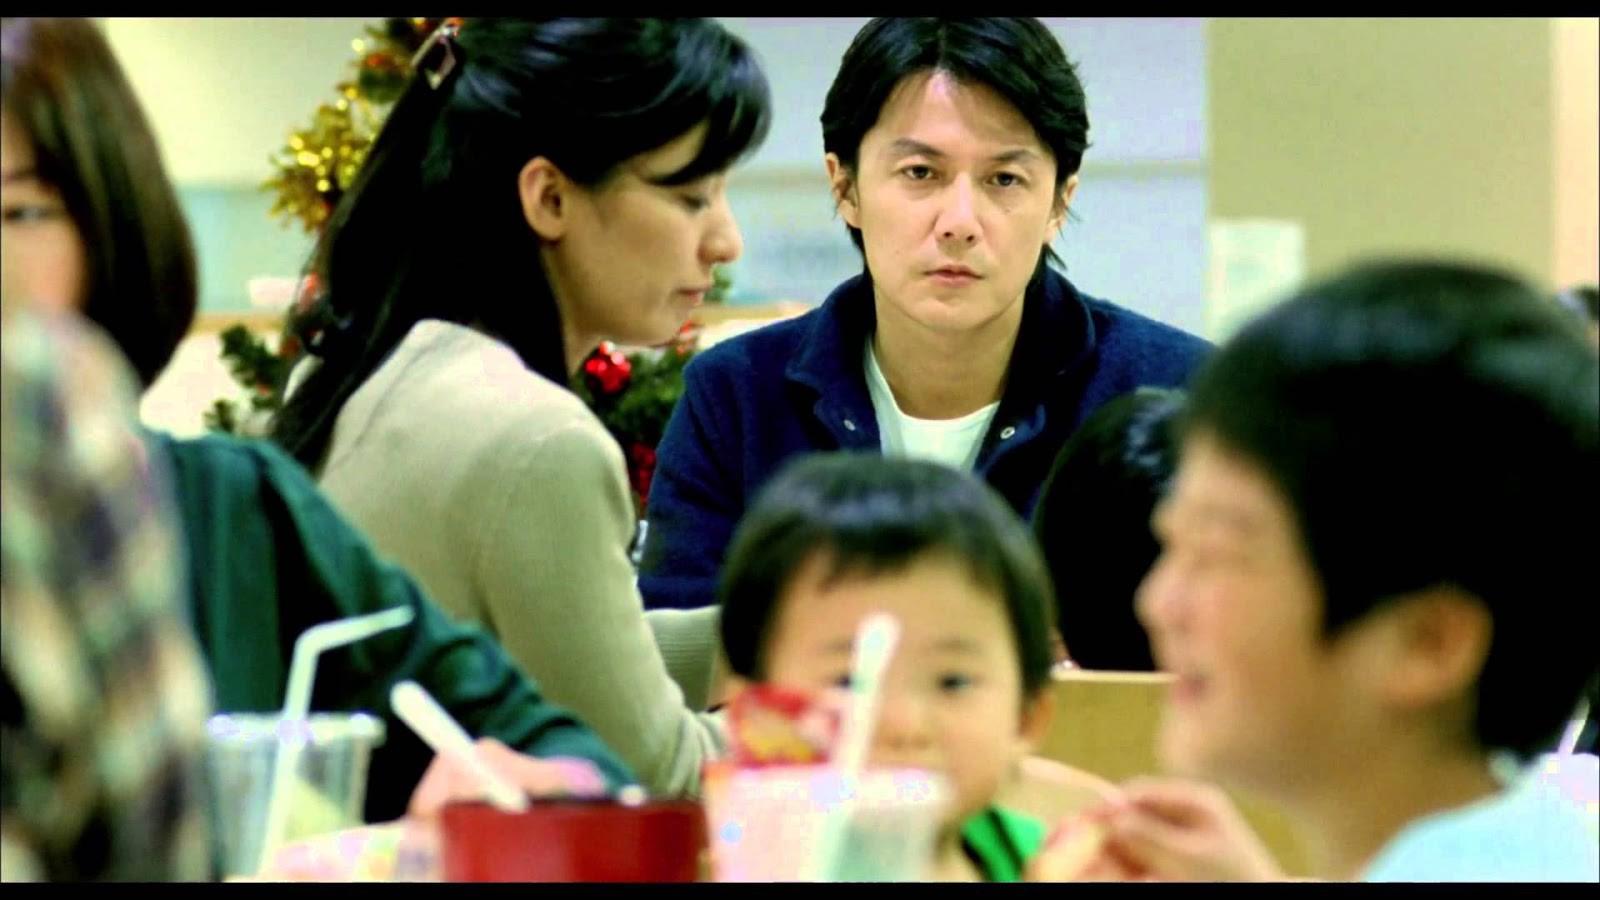 """Câu chuyện """"lười chăn gối"""" ngày càng phổ biến ở các cặp vợ chồng Nhật Bản: Khi áp lực công việc không phải lý do duy nhất - Ảnh 5."""